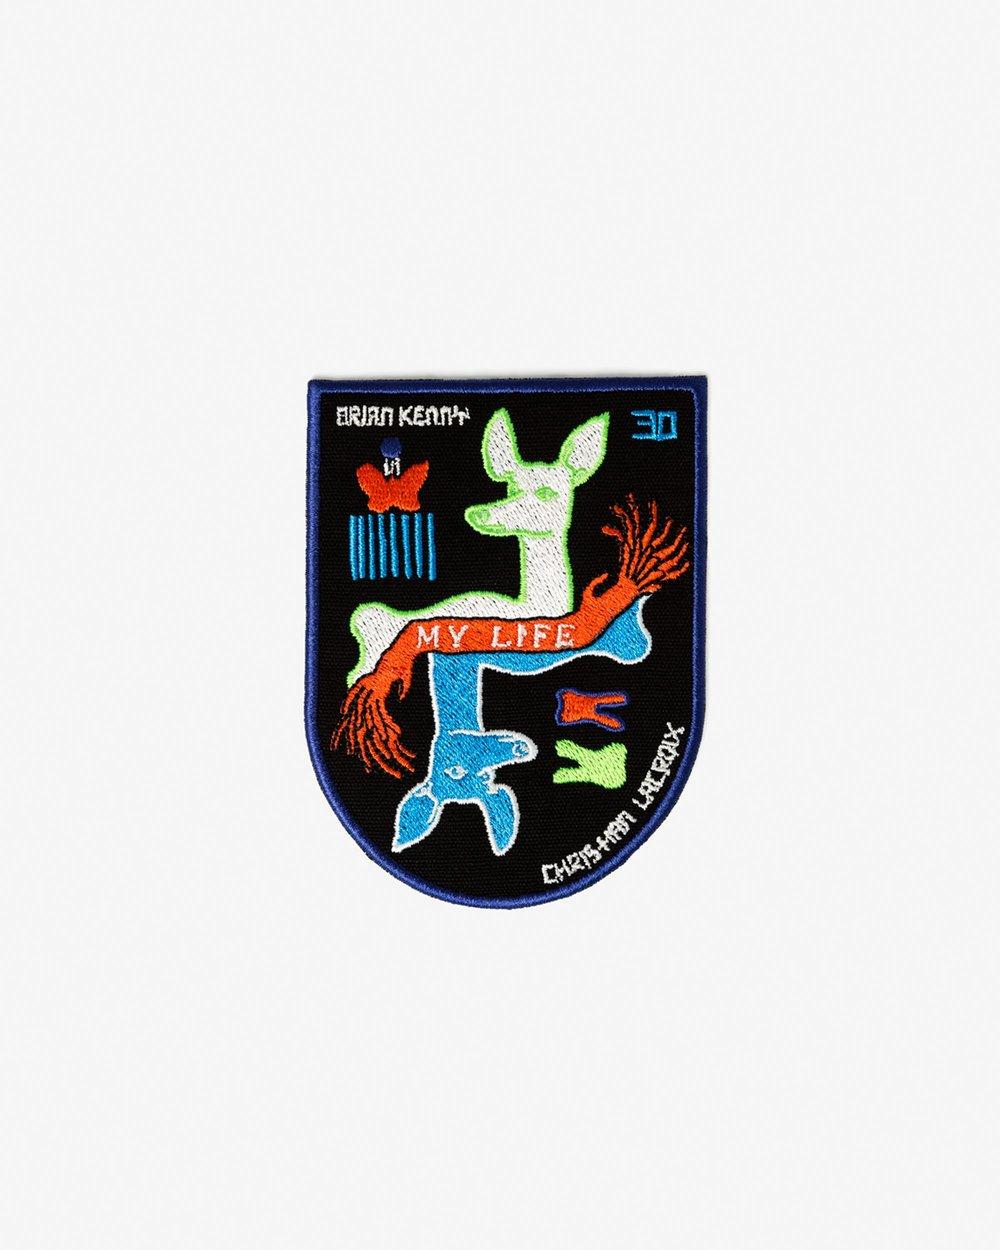 Lacroix_30_ans_CL_x_BK_Badge_Coat_of_arms_black_5a01dff1d6f08.jpg